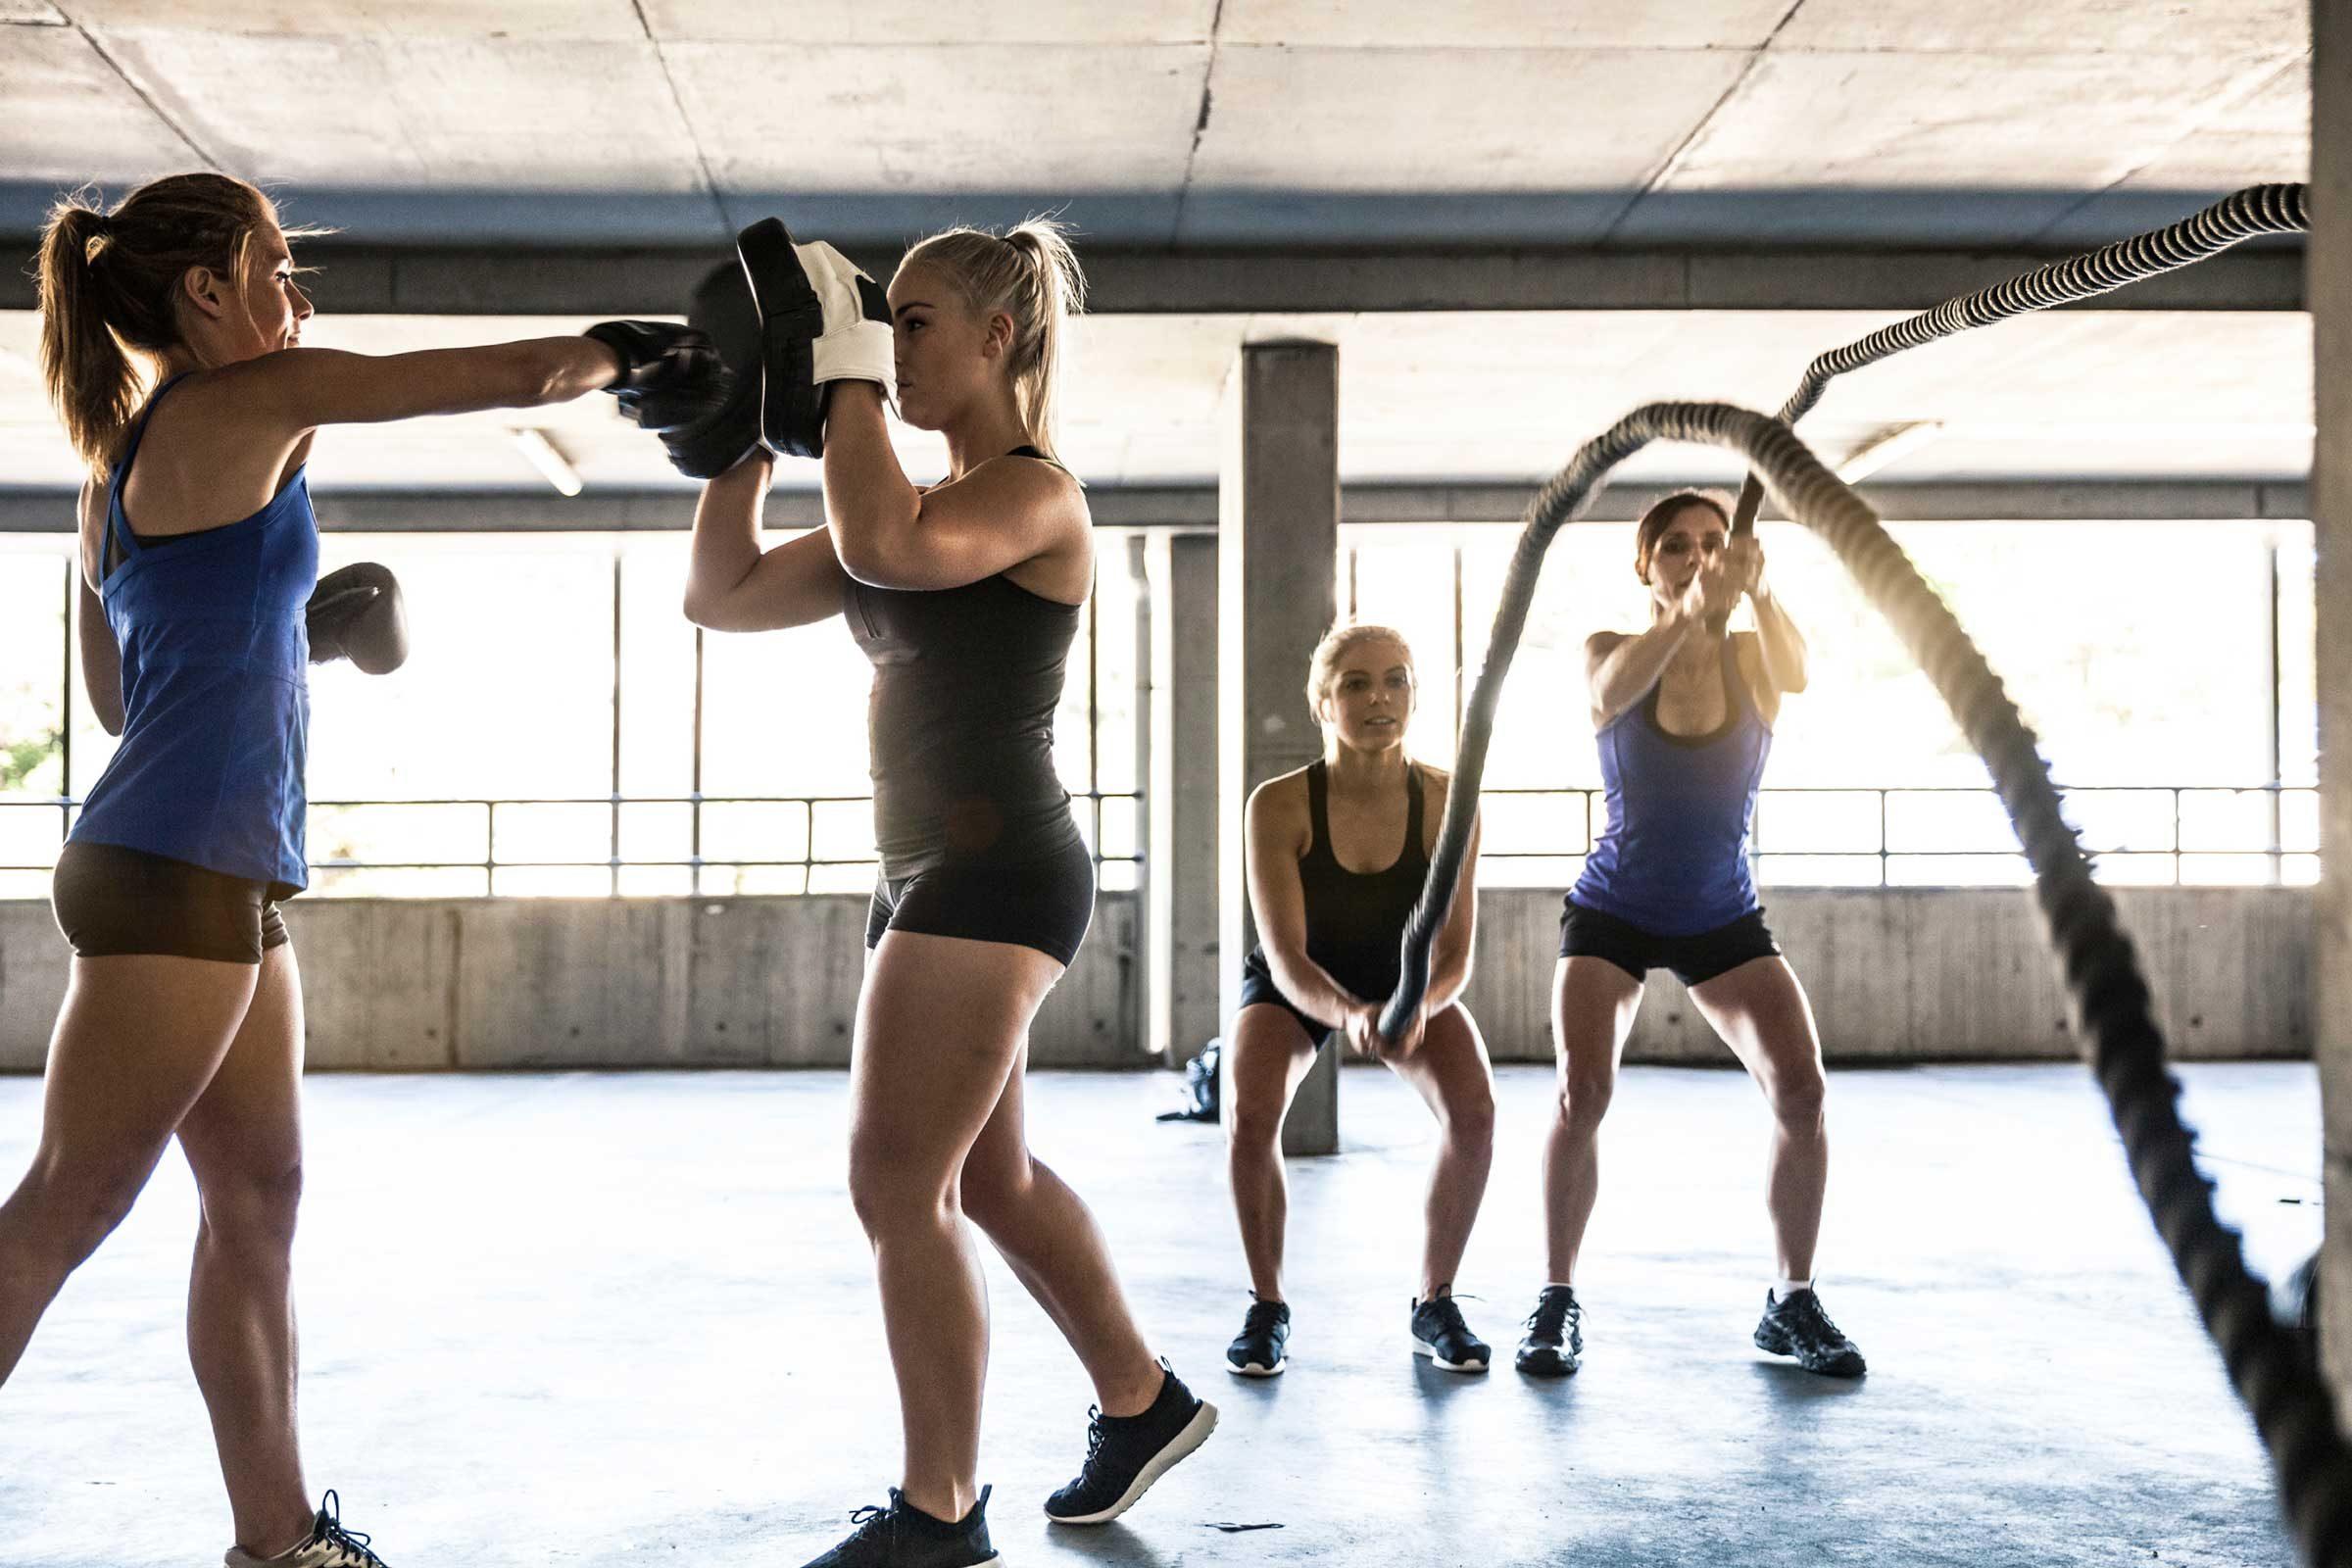 L'entraînement par intervalle à haute intensité est une bonne façon de brûler les graisses